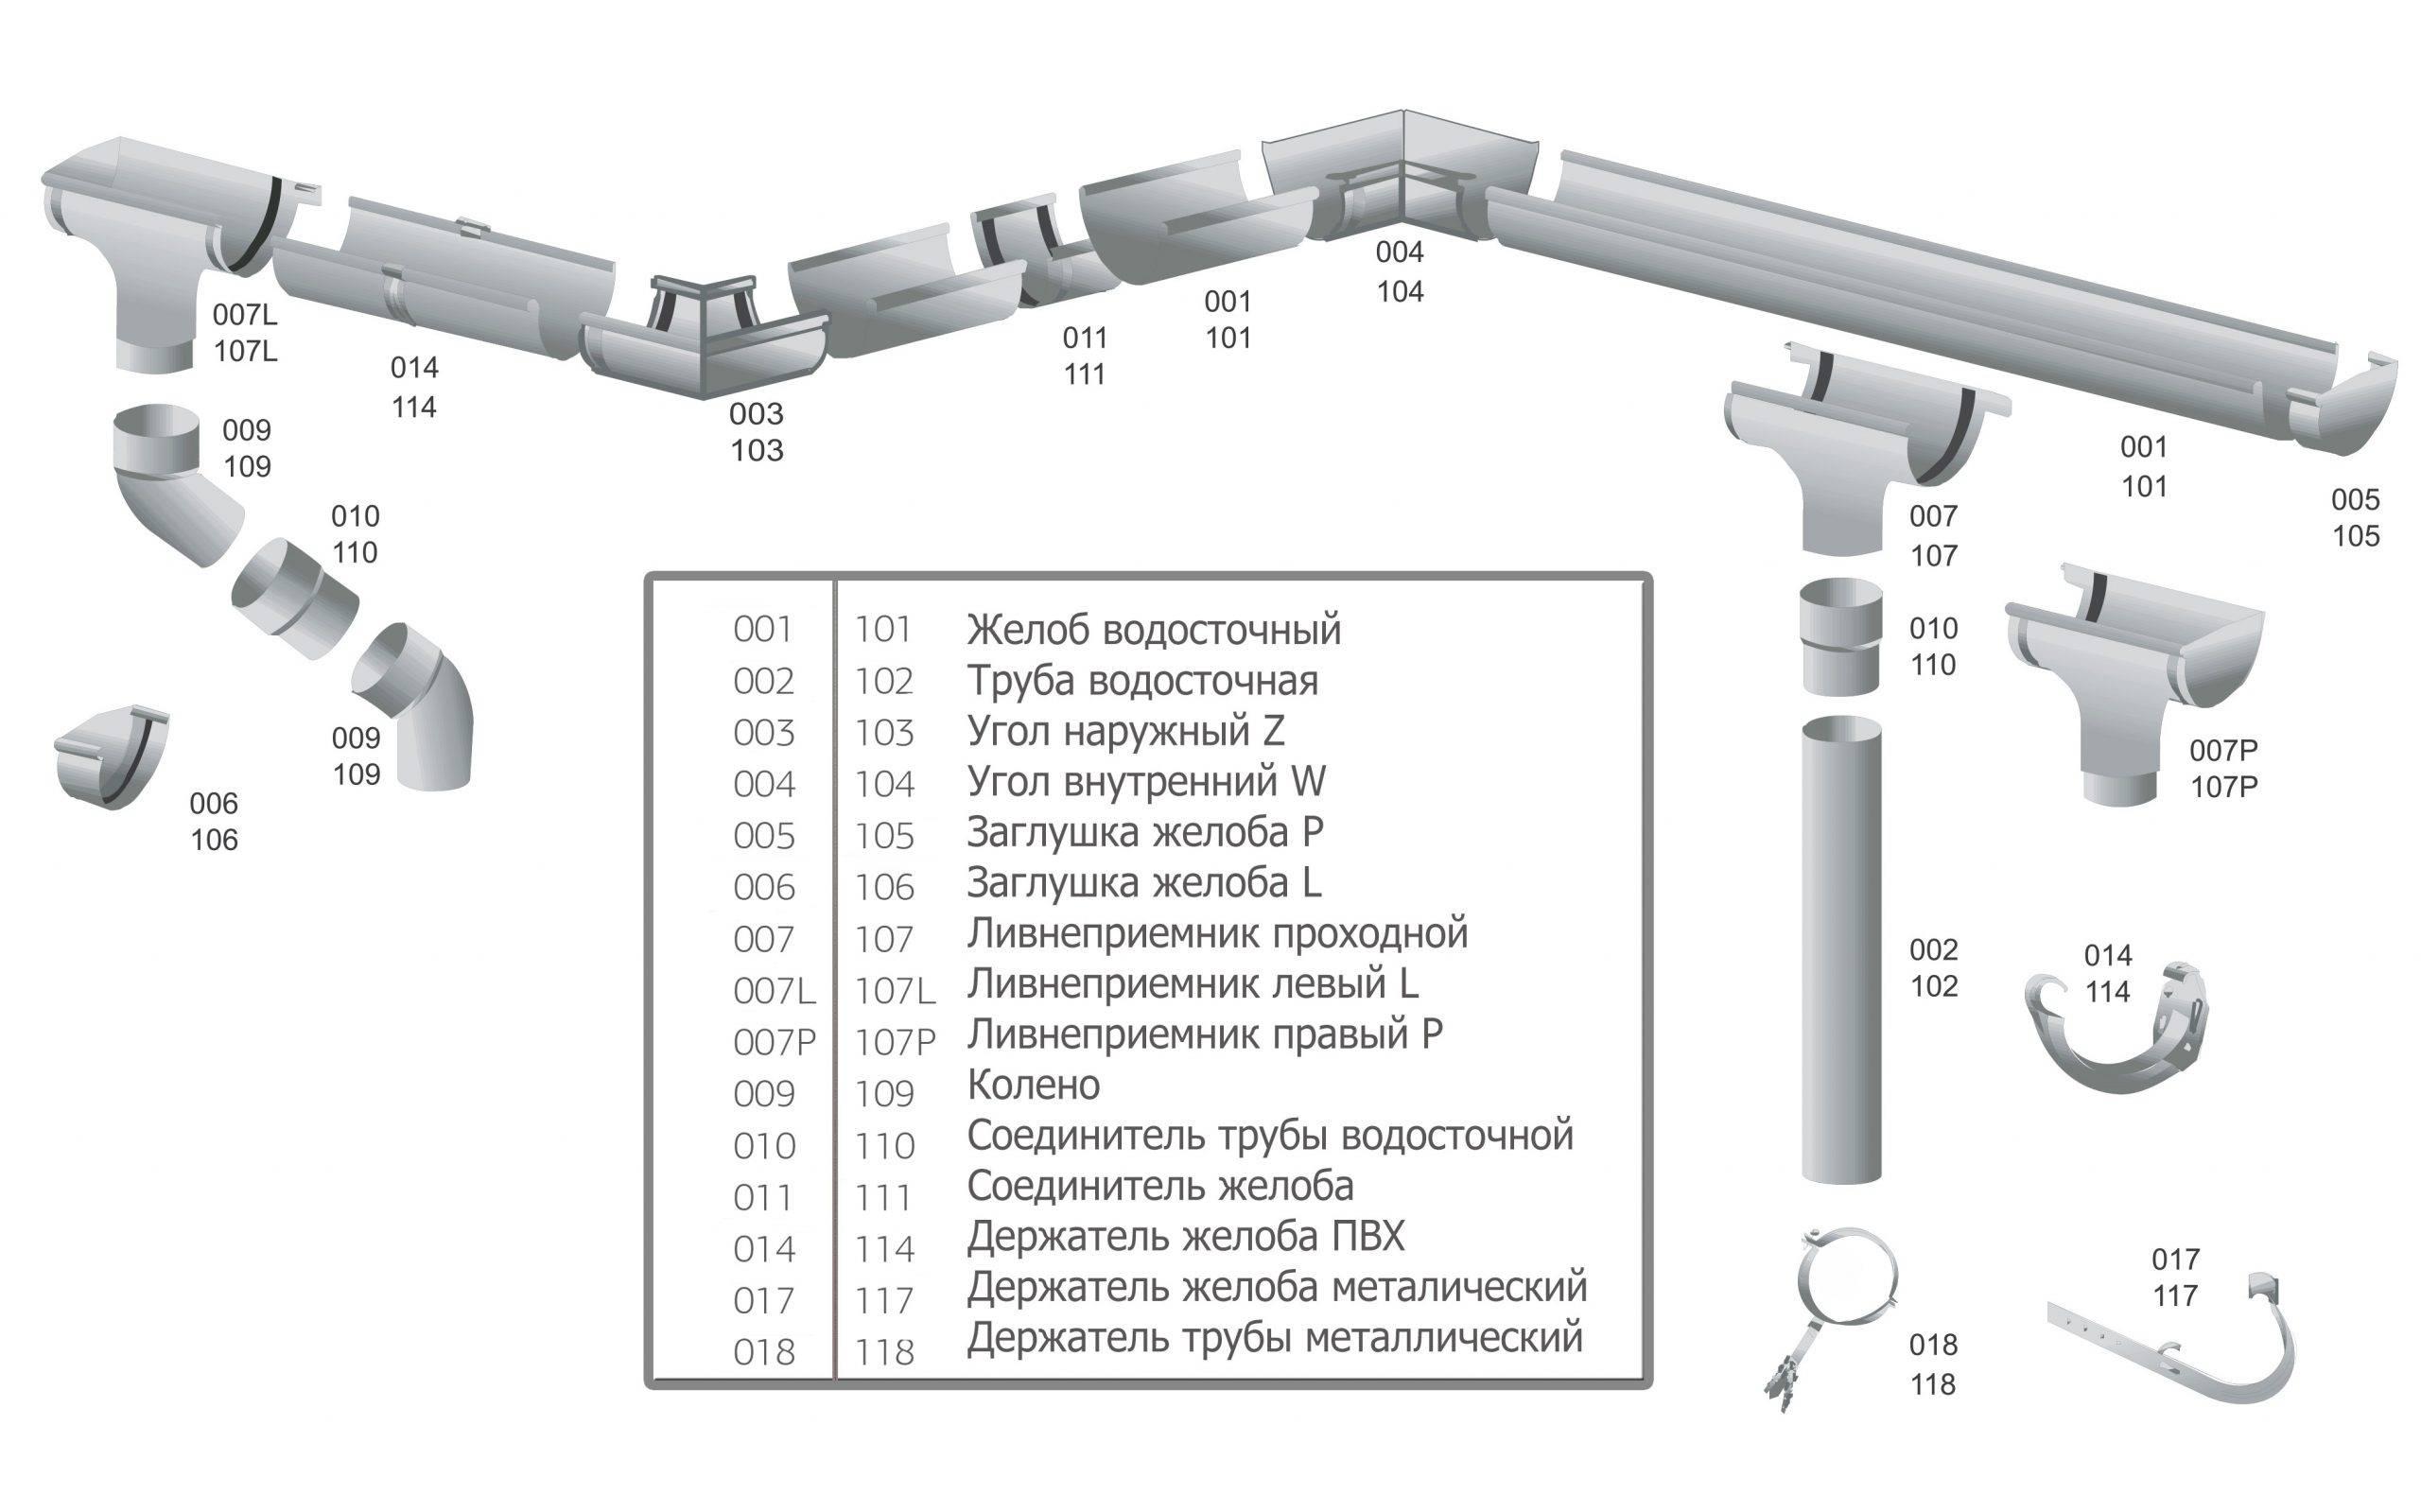 Сортамент и характеристики водосточных оцинкованных труб